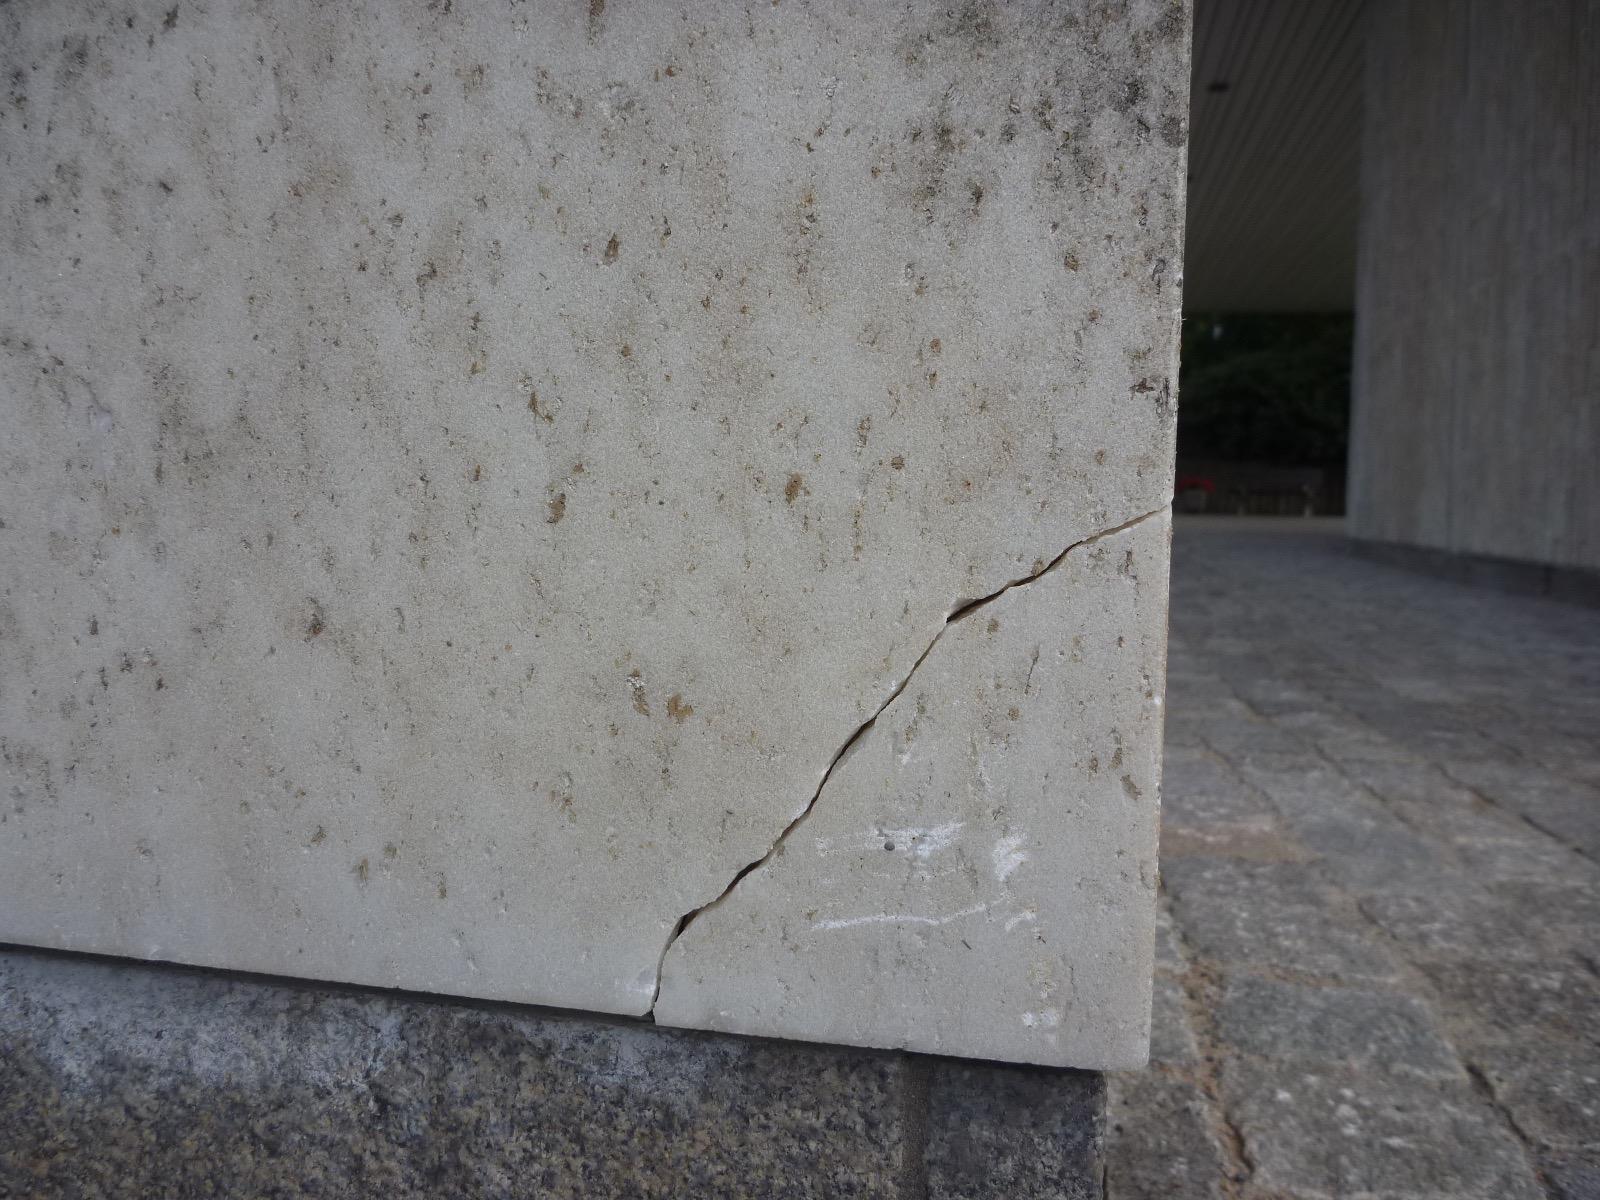 Spricka i marmorplattan